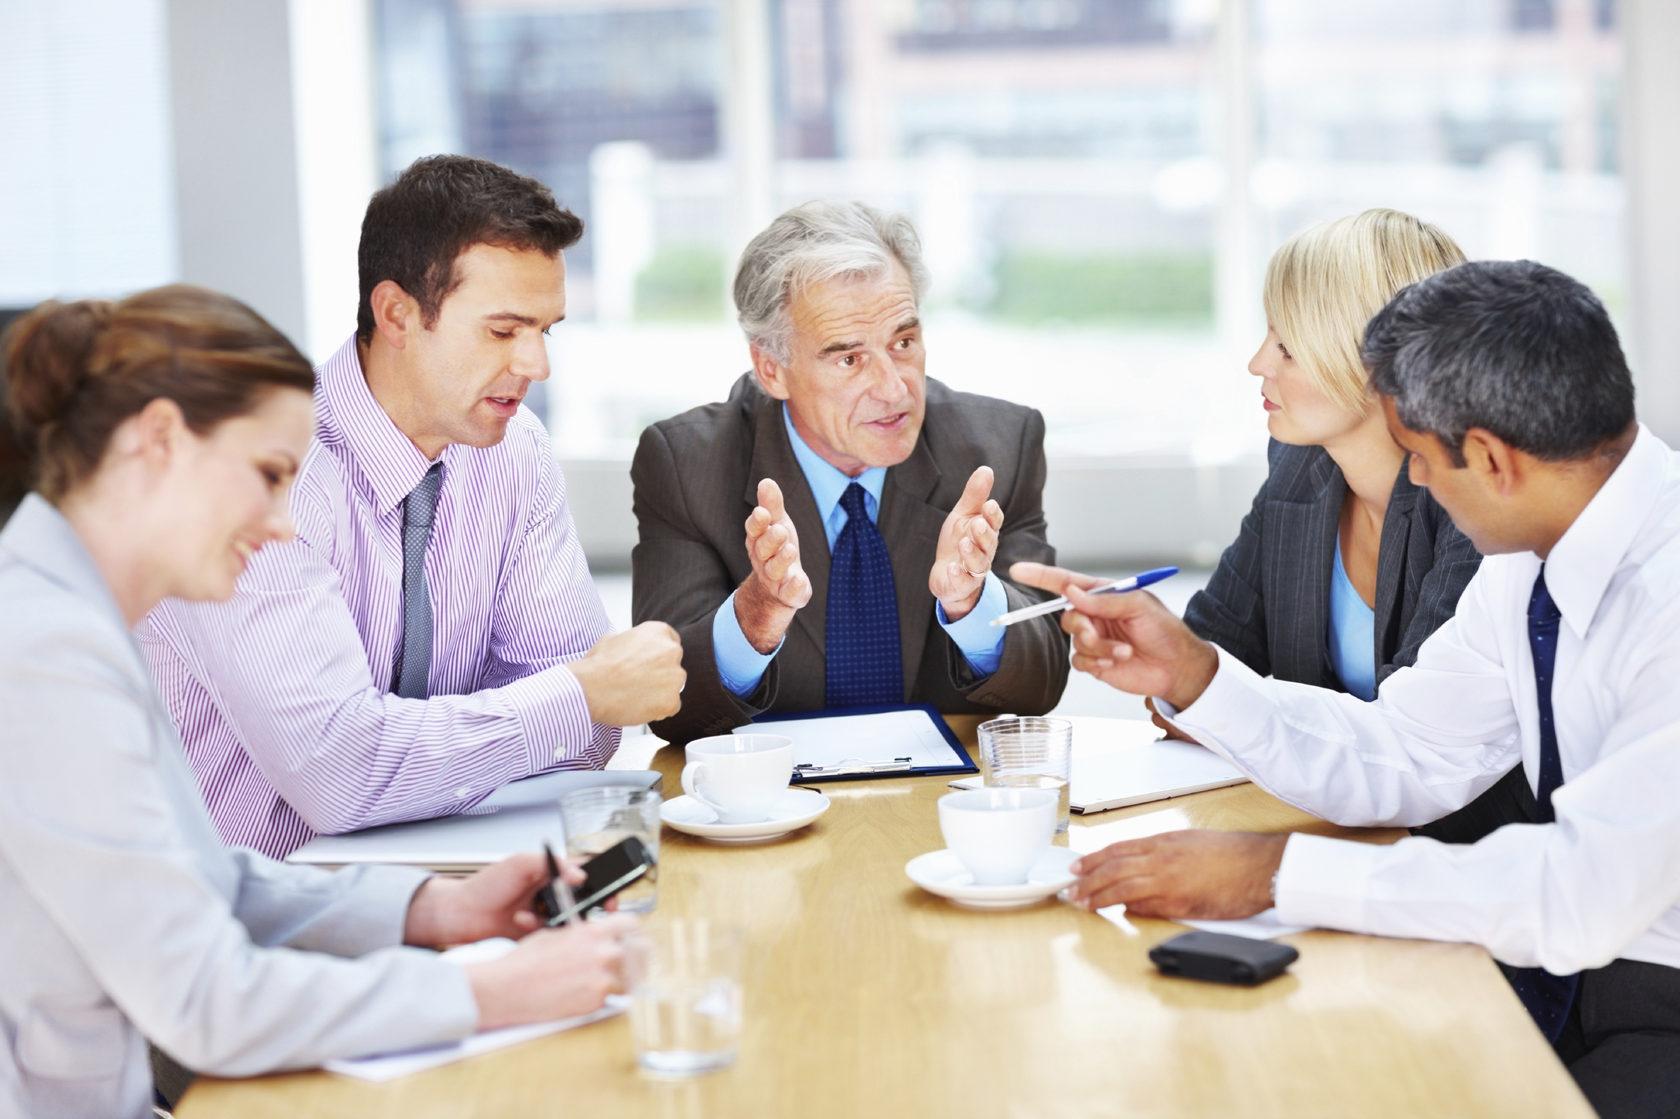 споры не урегулированные путем переговоров